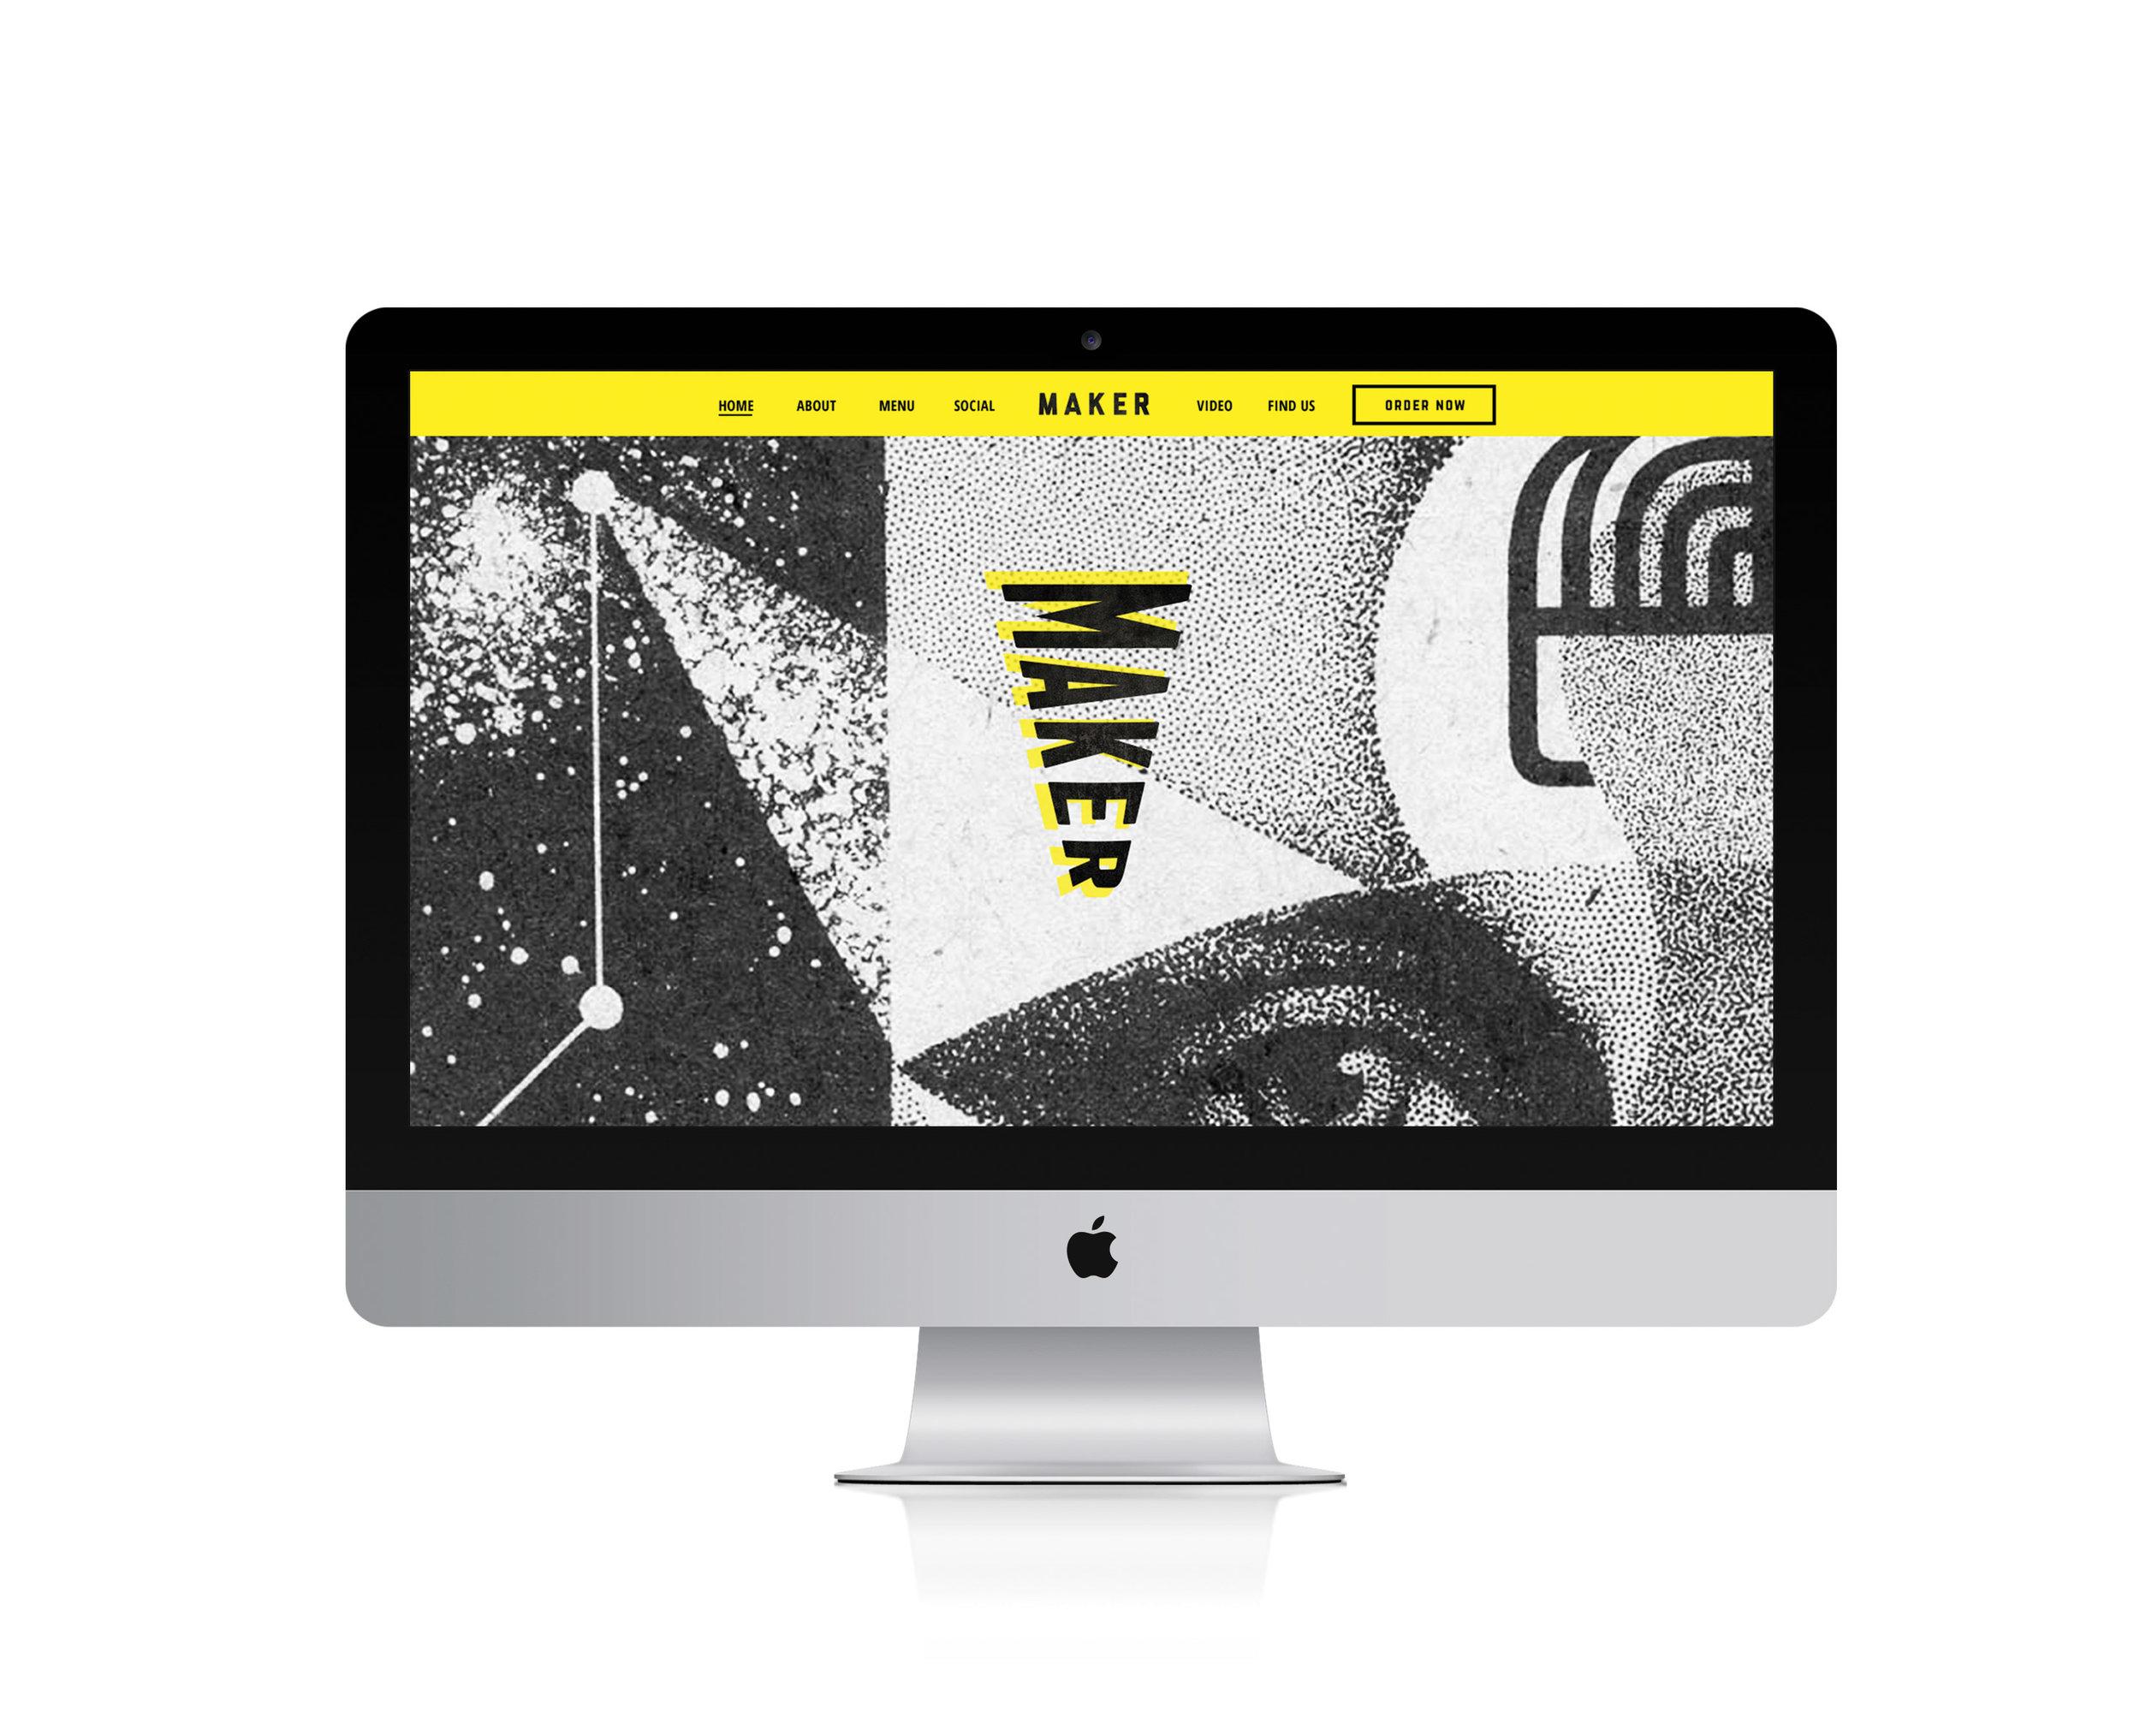 maker_website.jpg